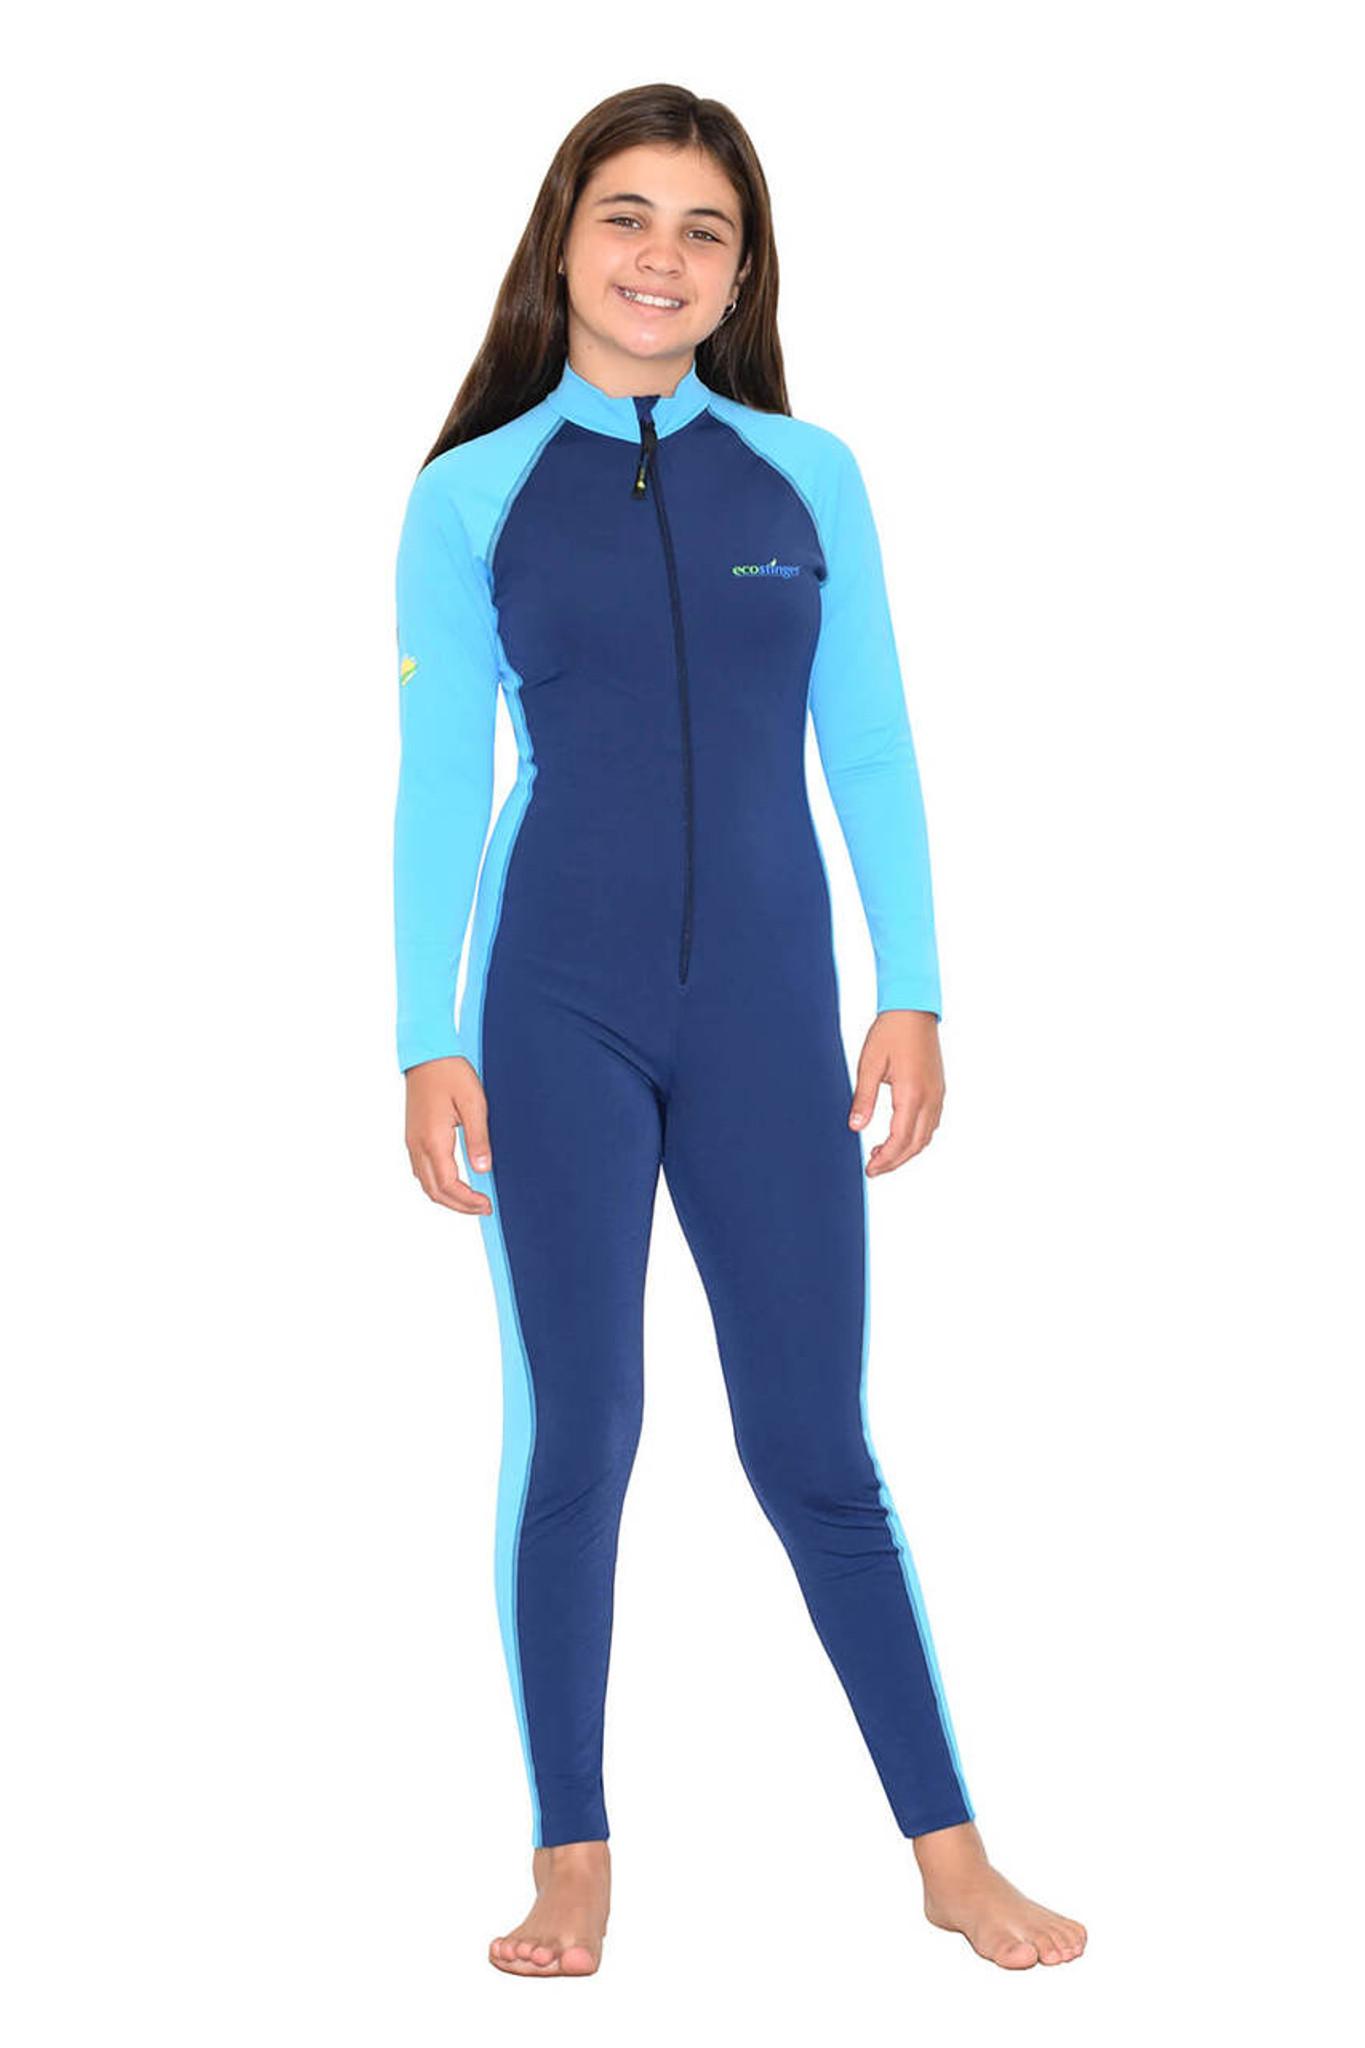 3b11d00dff7e Girls Full Body Swimsuit Stinger Suit Long Sleeves UV Protection UPF50+  Navy Blue (Chlorine Resistant